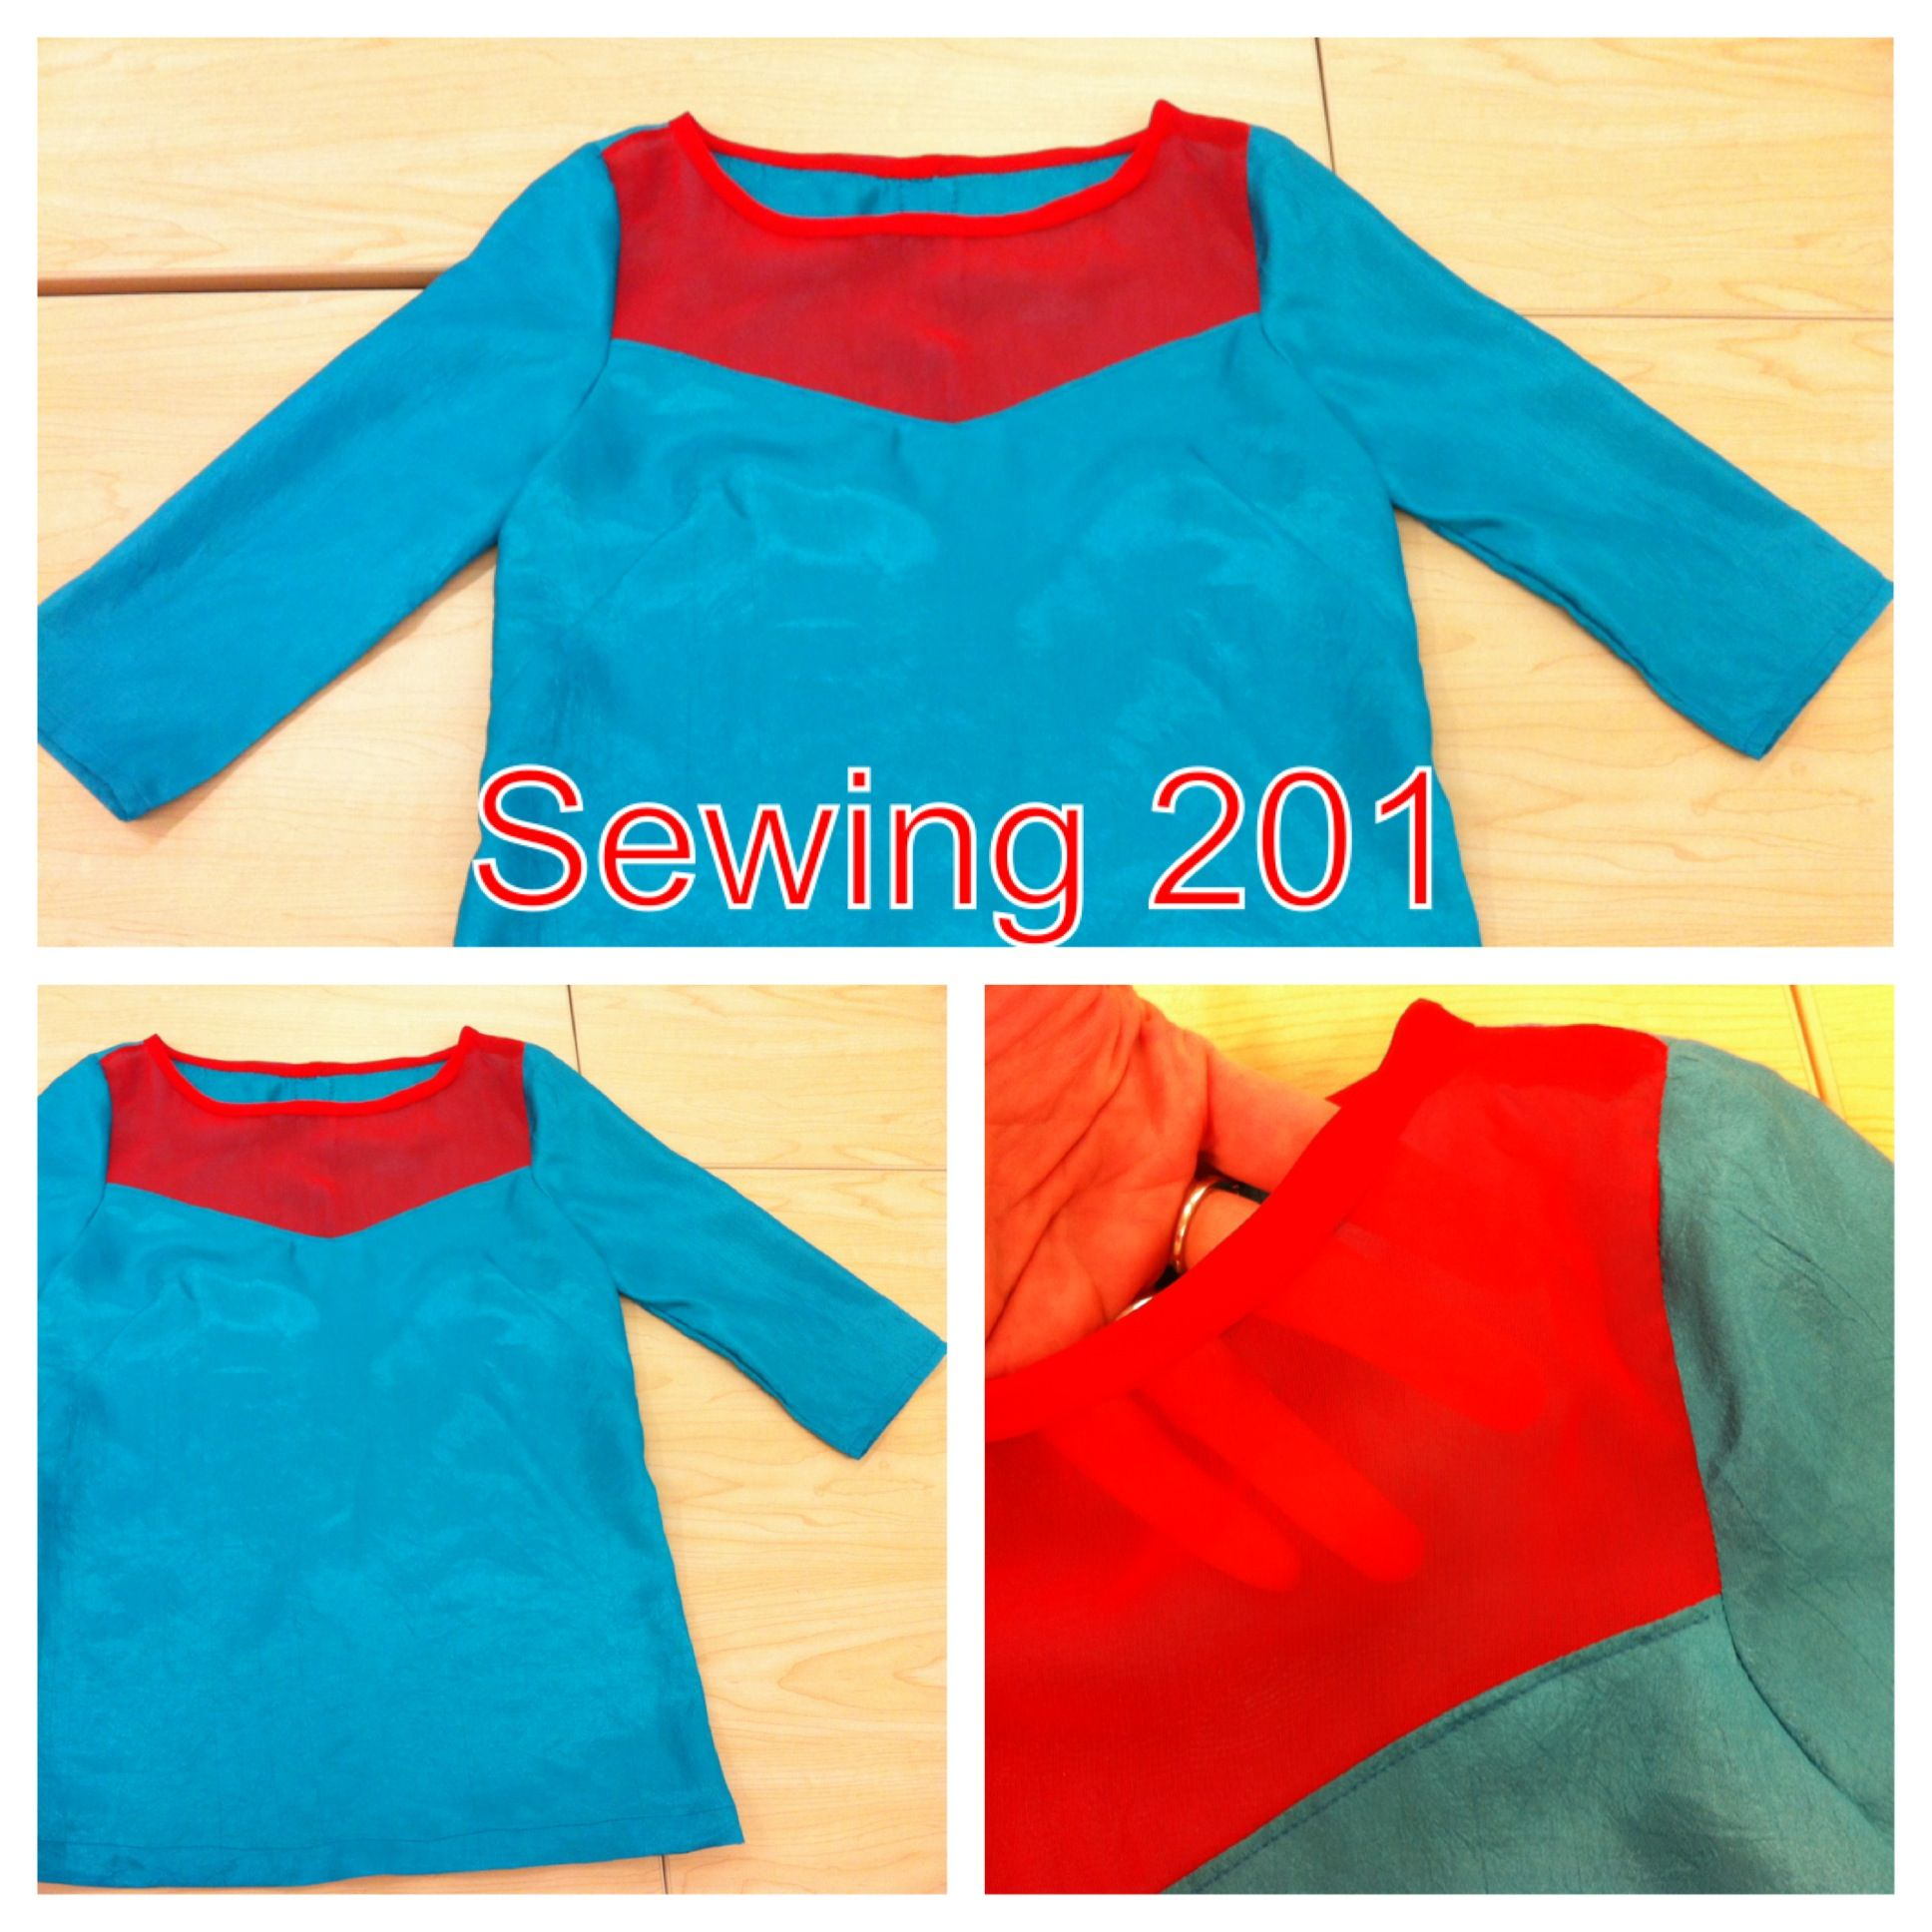 Joann Fabrics Sewing Classes